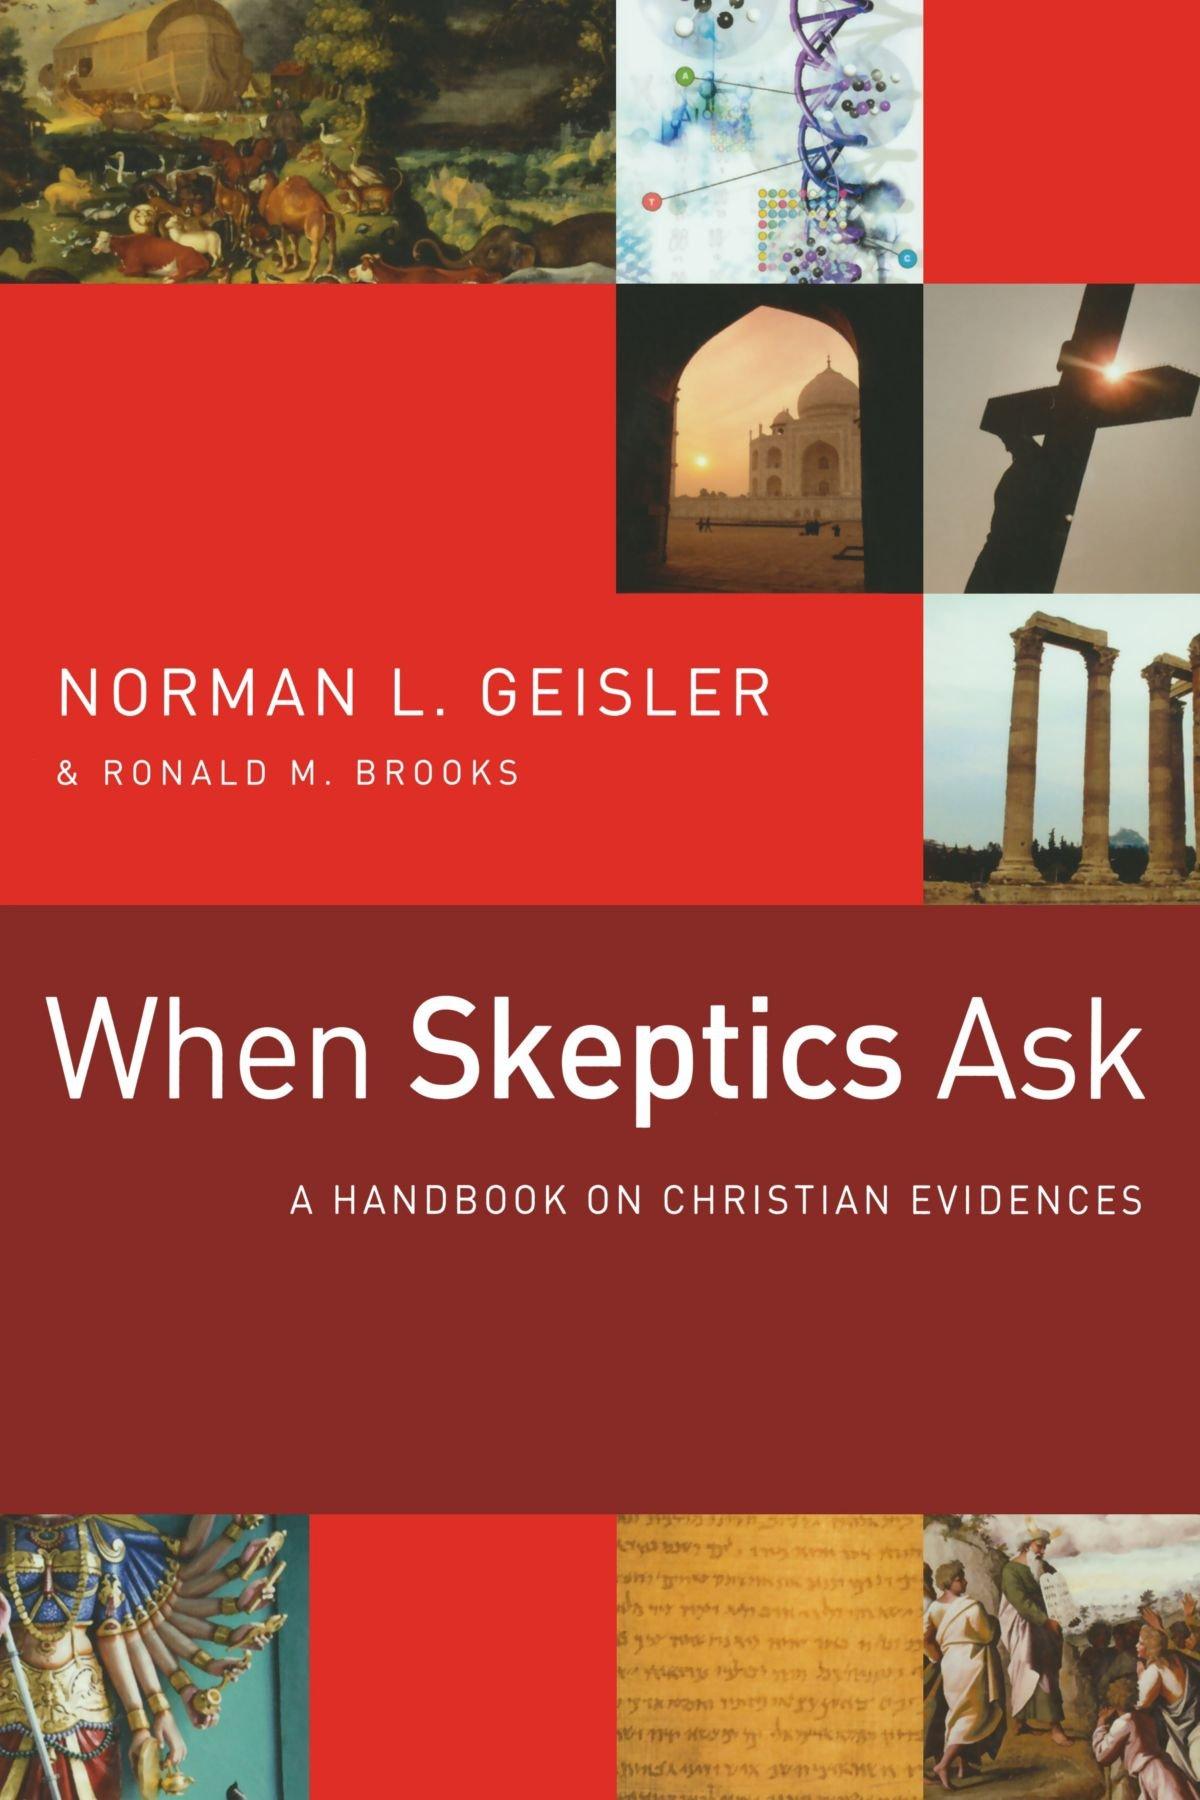 When Skeptics Ask: A Handbook on Christian Evidences: Amazon ...